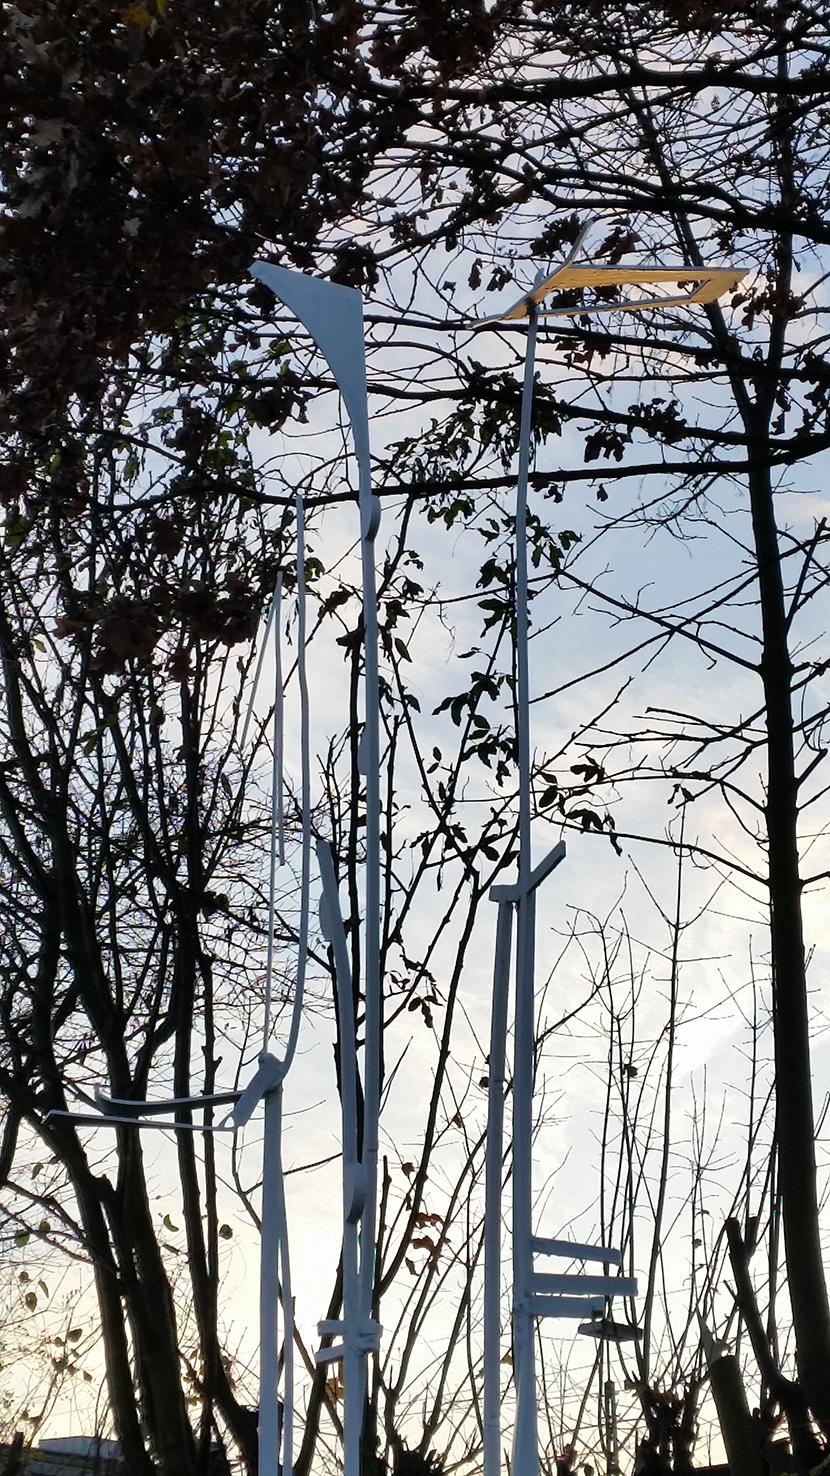 Full Size of Eisenskulpturen Für Den Garten Ohne Titel Christiane Ldtke Und Landschaftsbau Hamburg Bewässerung Vinylboden Badezimmer Hussen Sofa Holzhäuser Trennwände Wohnzimmer Eisenskulpturen Für Den Garten